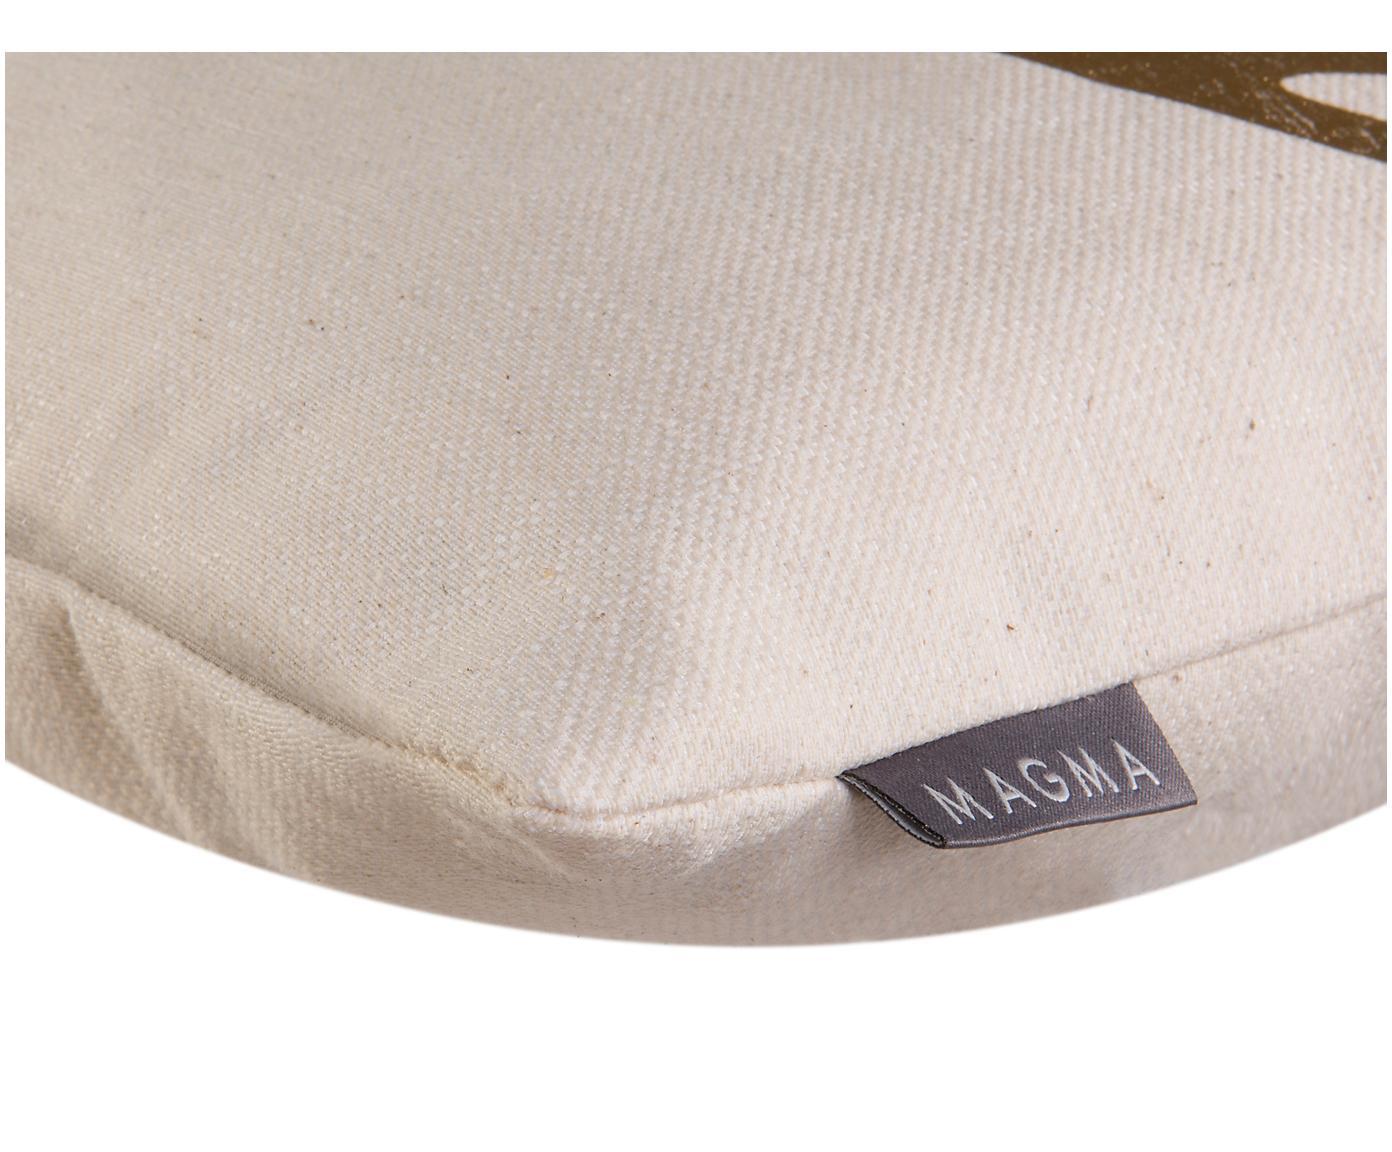 Kissenhülle Goldwert mit glänzendem Geweihmotiv, 55%Baumwolle, 45%Polyester, Beige, Goldfarben, 40 x 40 cm